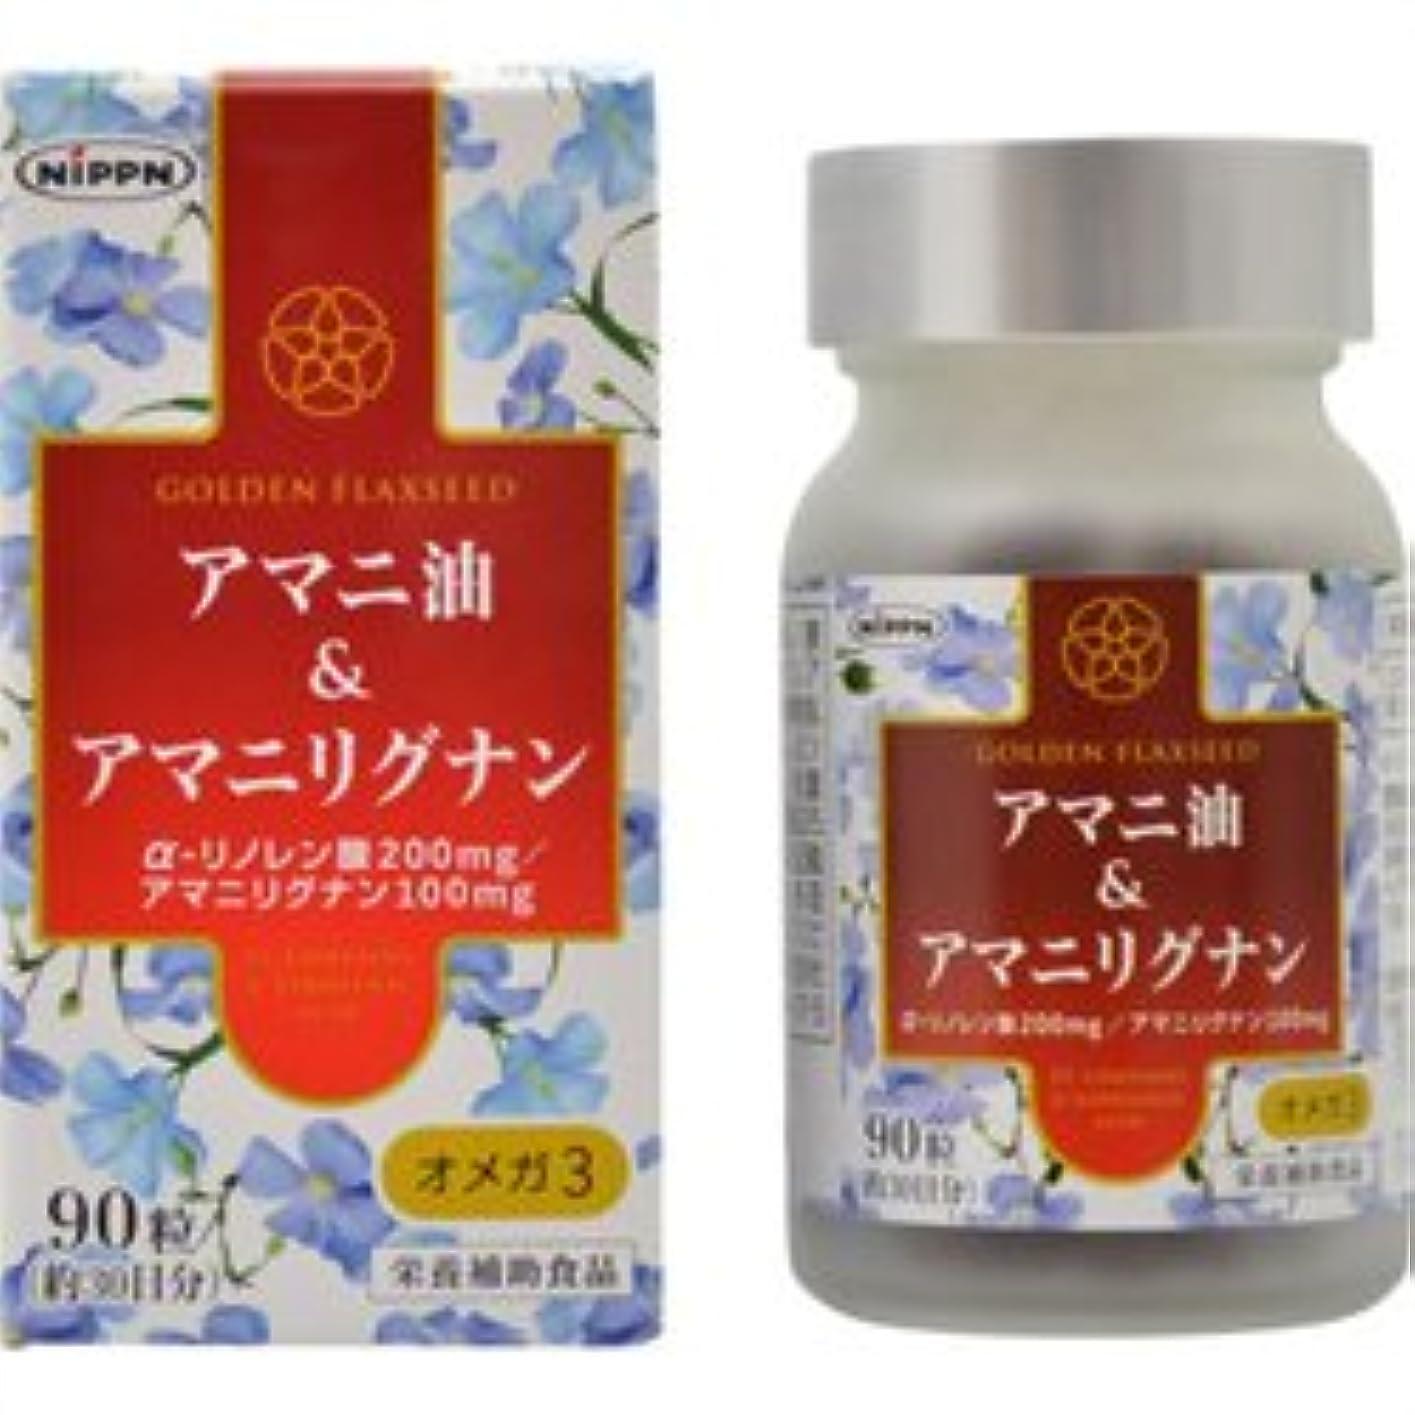 計算するワックス癒す【日本製粉】アマニ油&アマニリグナン 90粒 ×5個セット